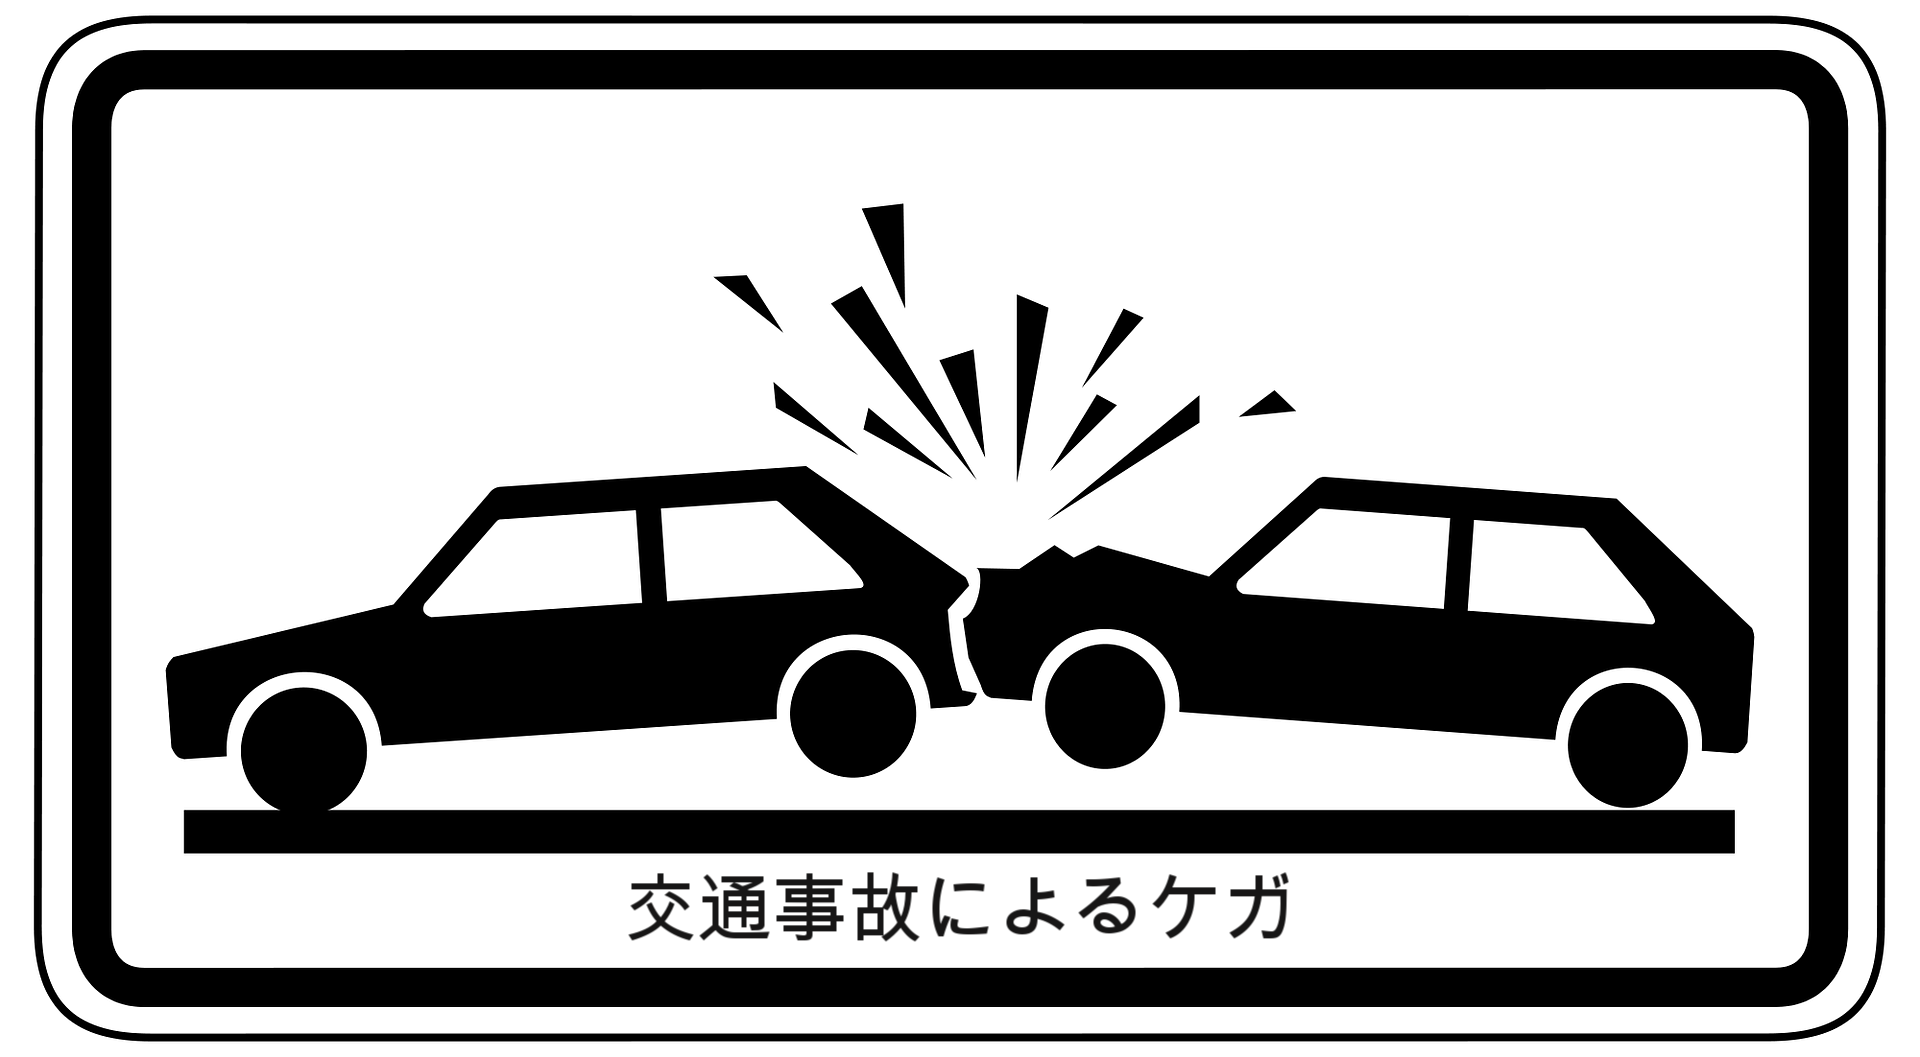 交通事故によるケガの対応